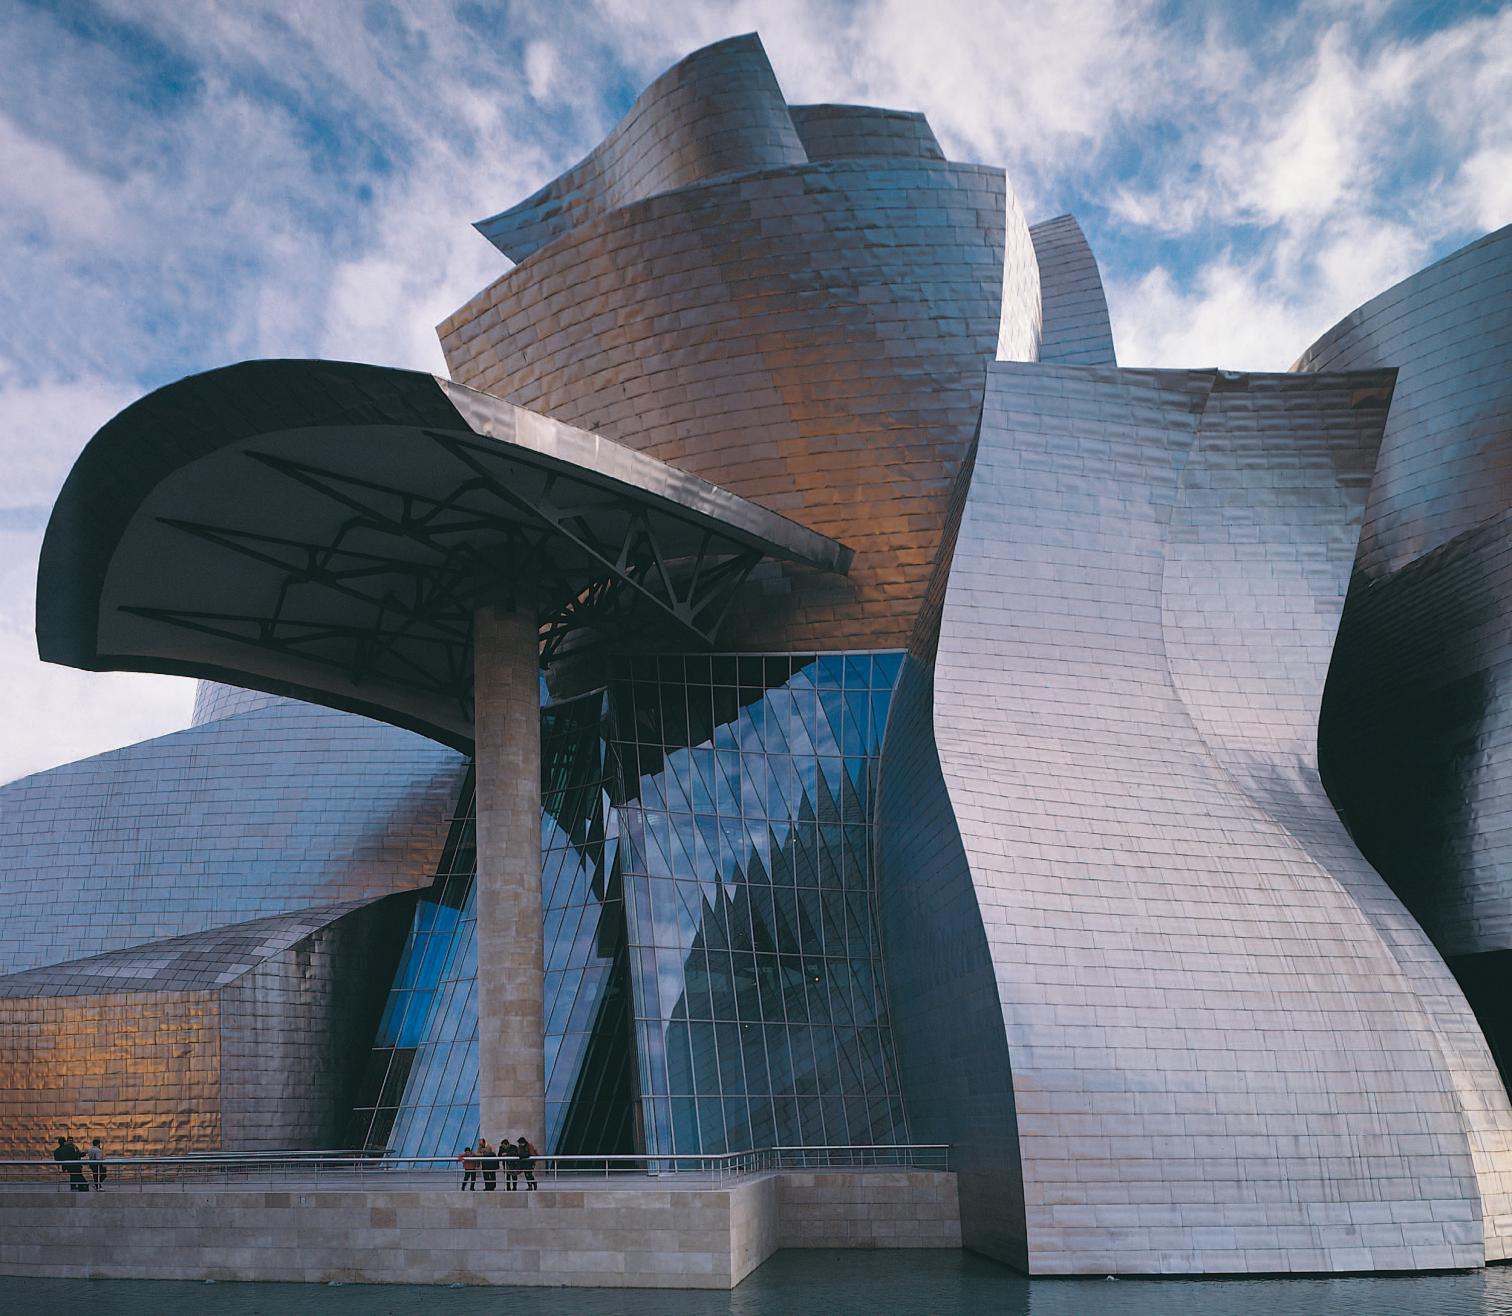 Apenas terminado en 1997, el Museo Guggenheim Bilbao de Frank Gehry ingresó en la colección de iconos contemporáneos, y sus formas tormentosas y alabeadas sustituyeron a las fracturadas como símbolo de unos tiempos inciertos.